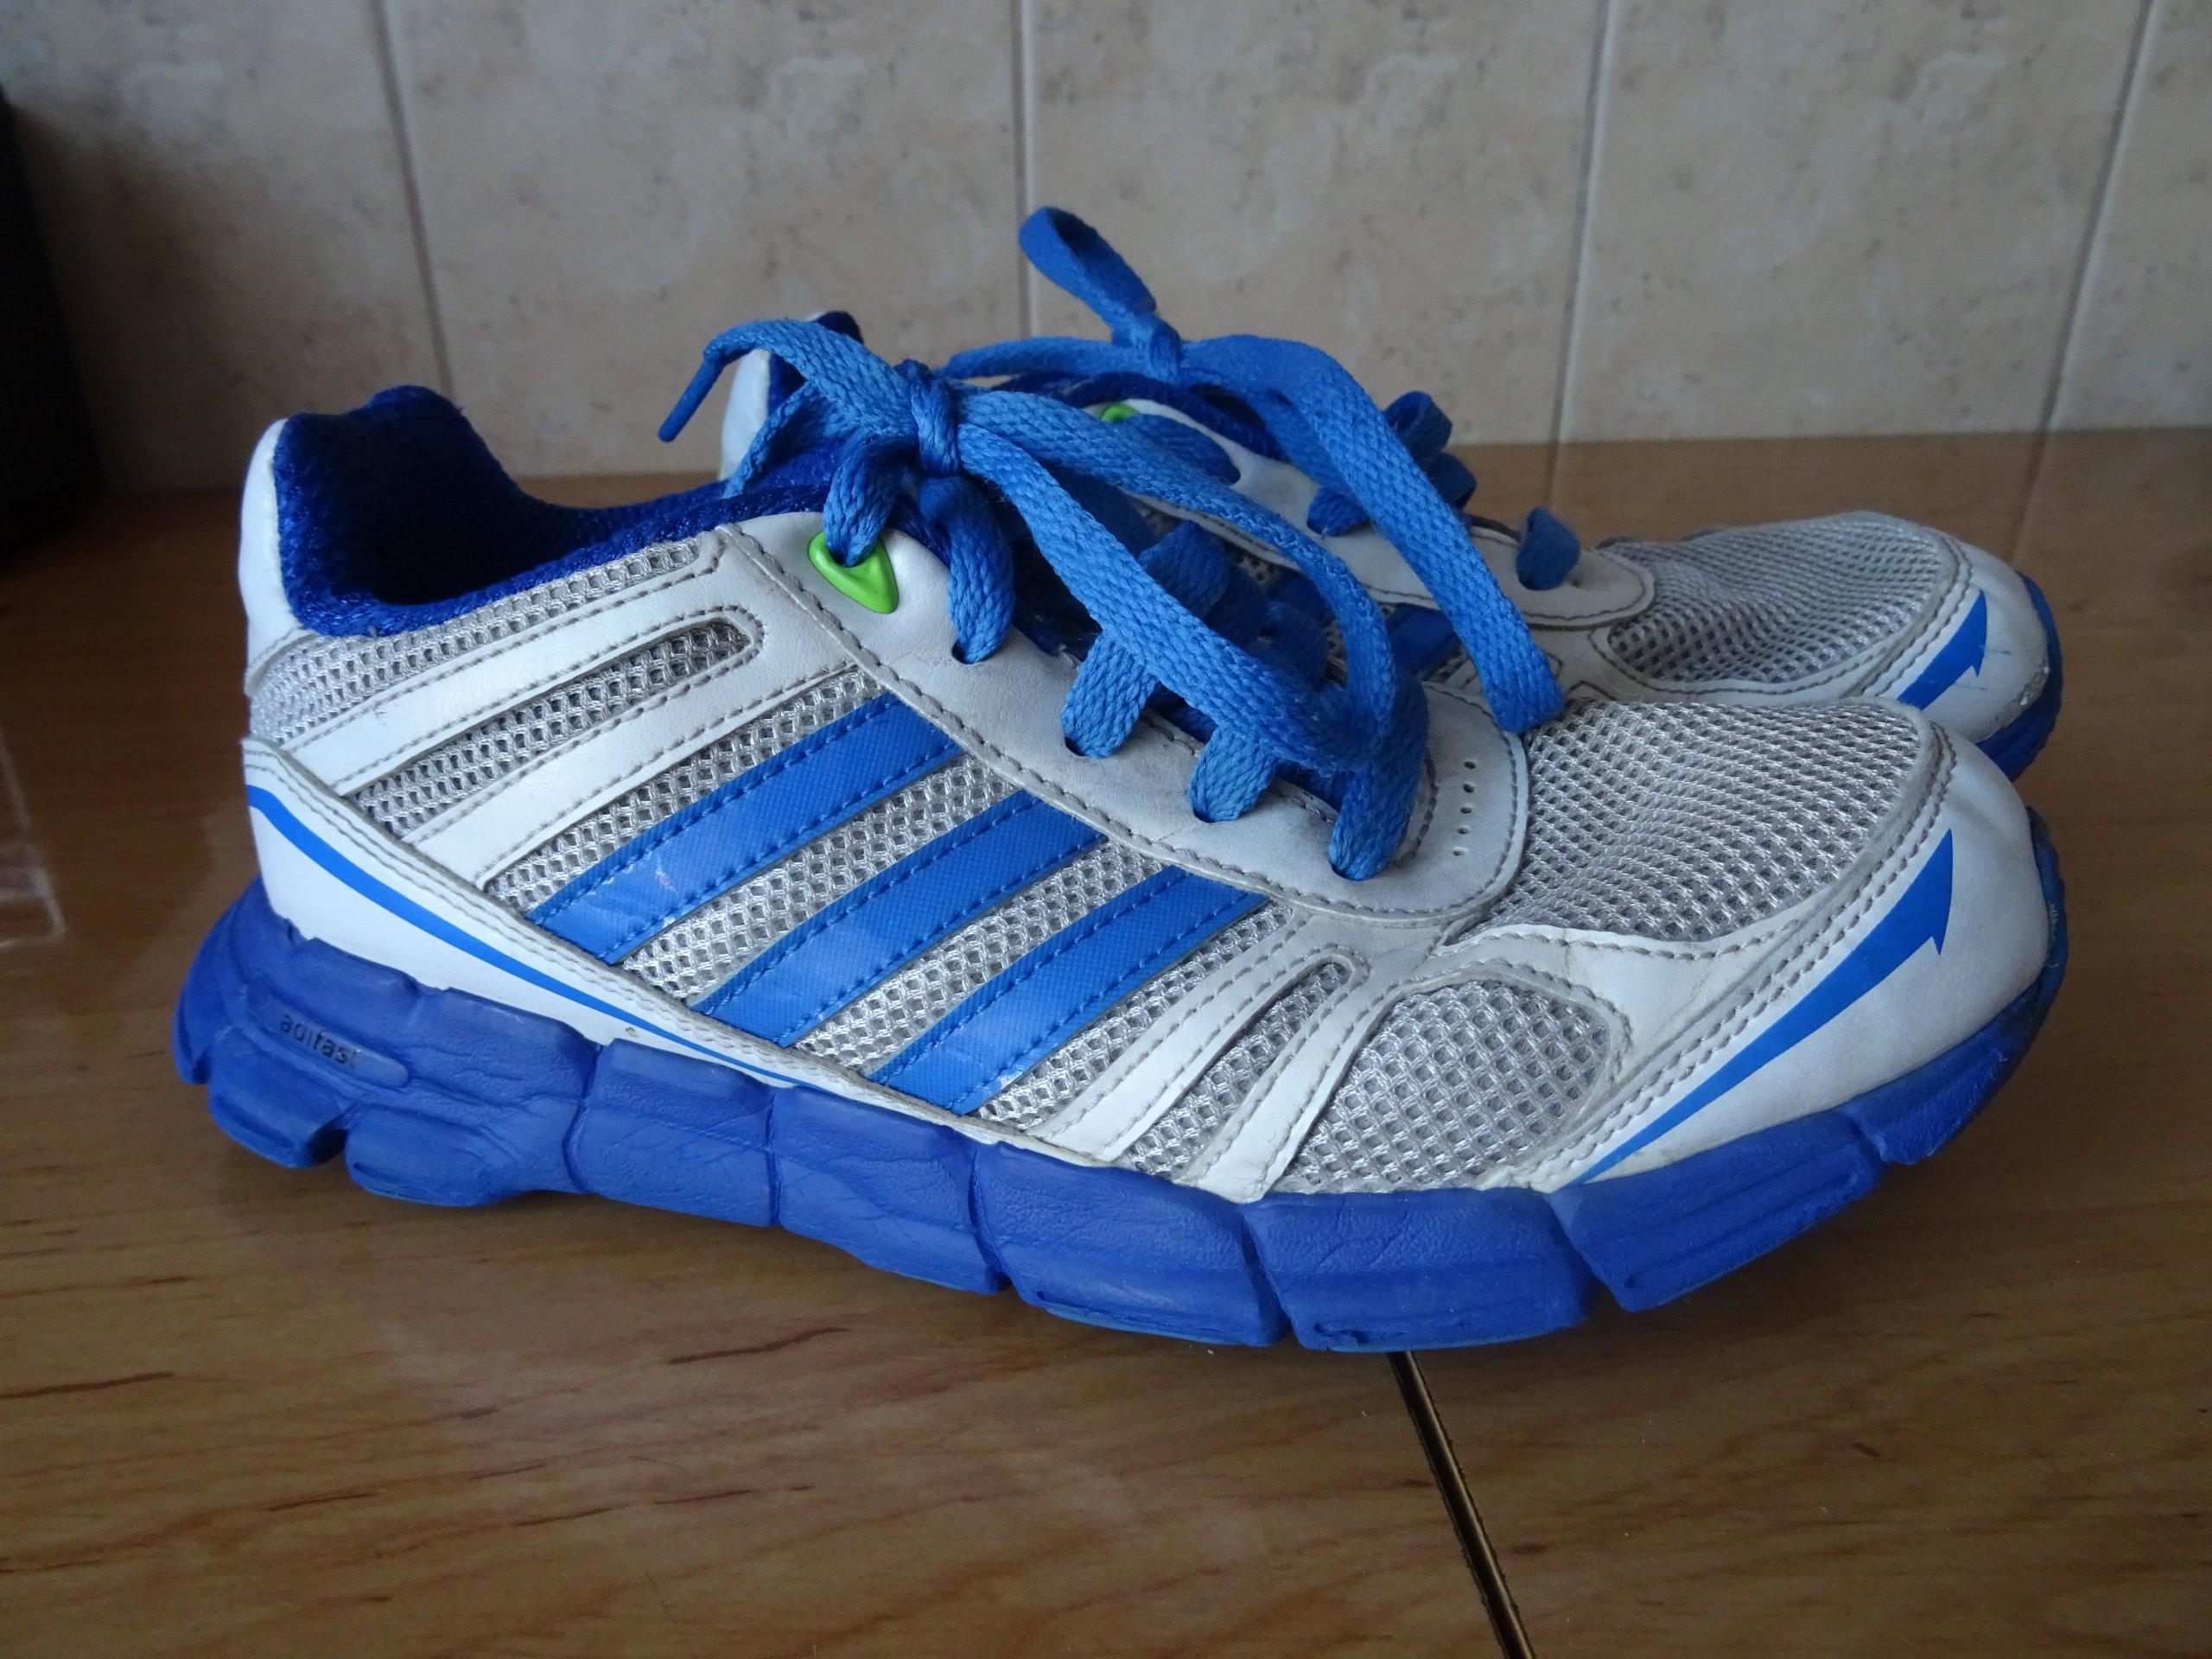 ADIDAS buty do biegania r.34 7377801071 oficjalne